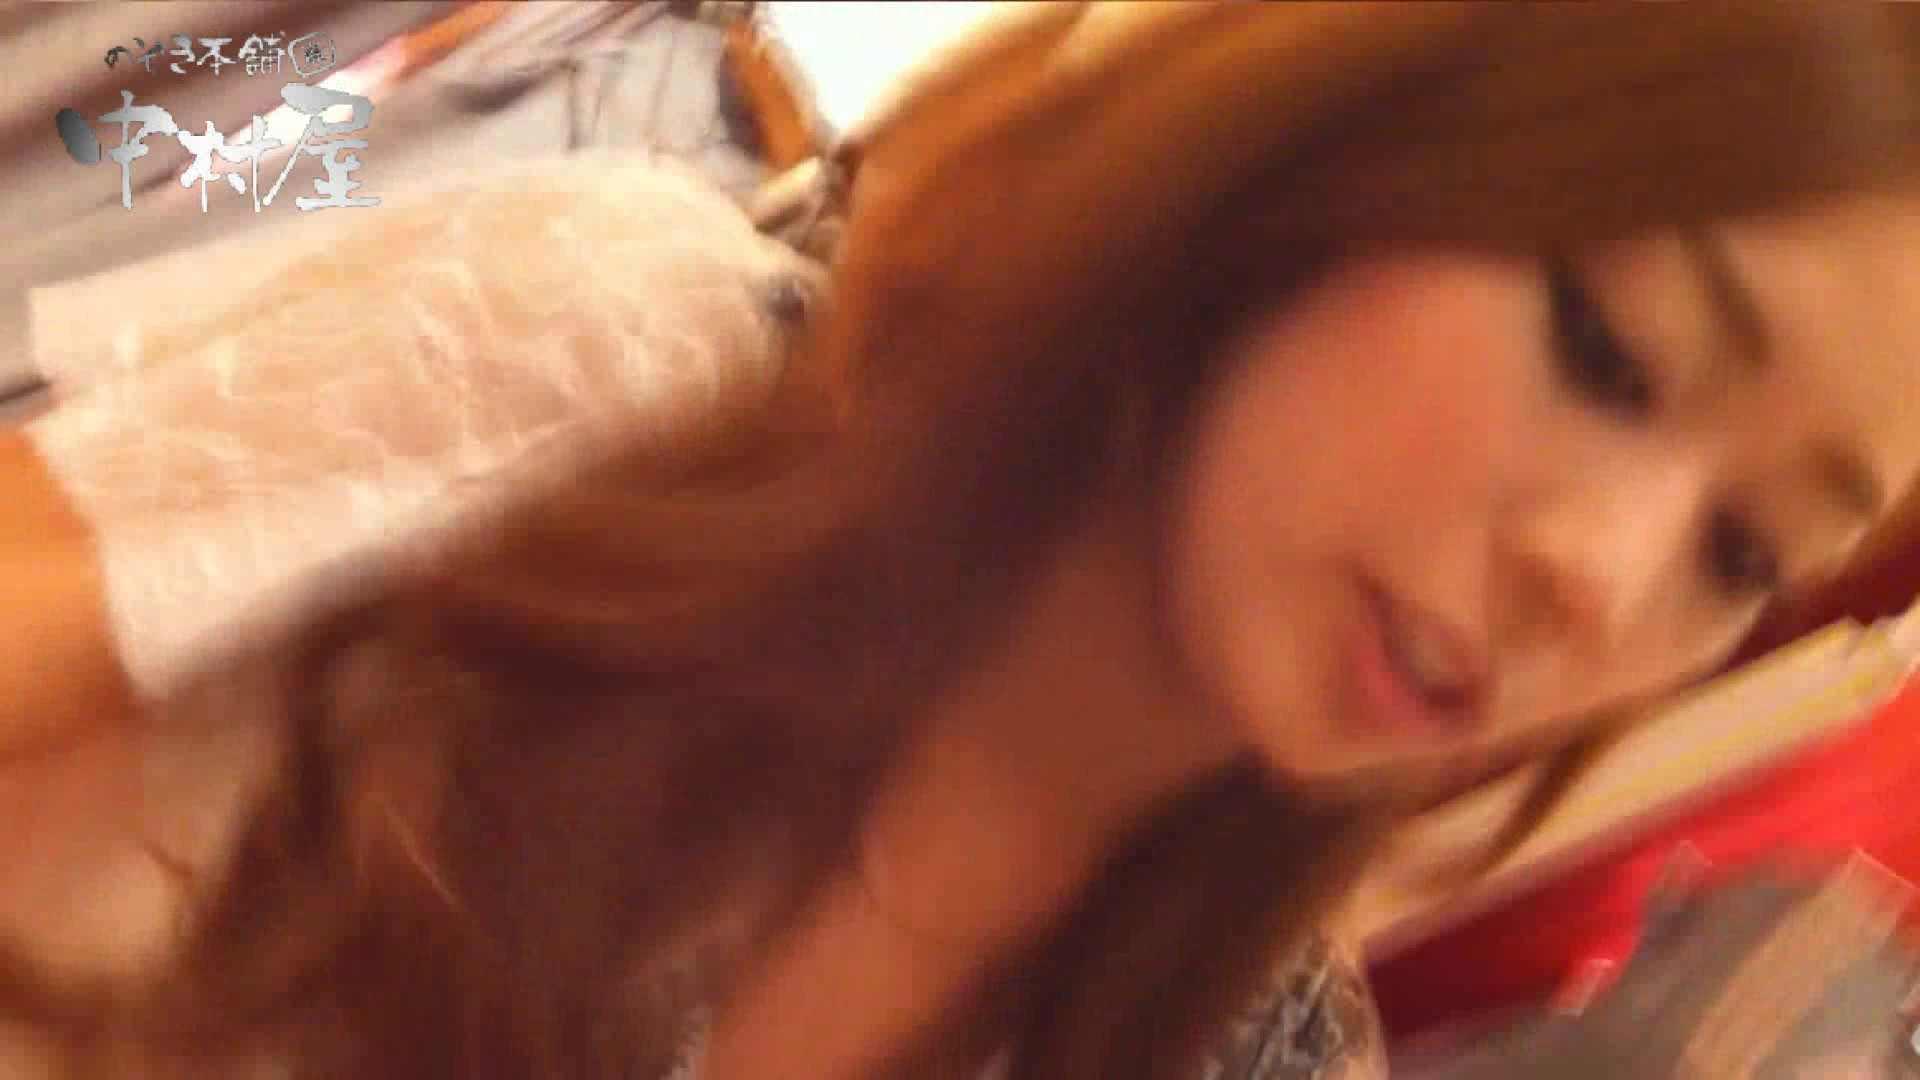 vol.62 美人アパレル胸チラ&パンチラ 笑顔のチャーミングなおねぃさん 胸チラ   チラ  102PICs 1